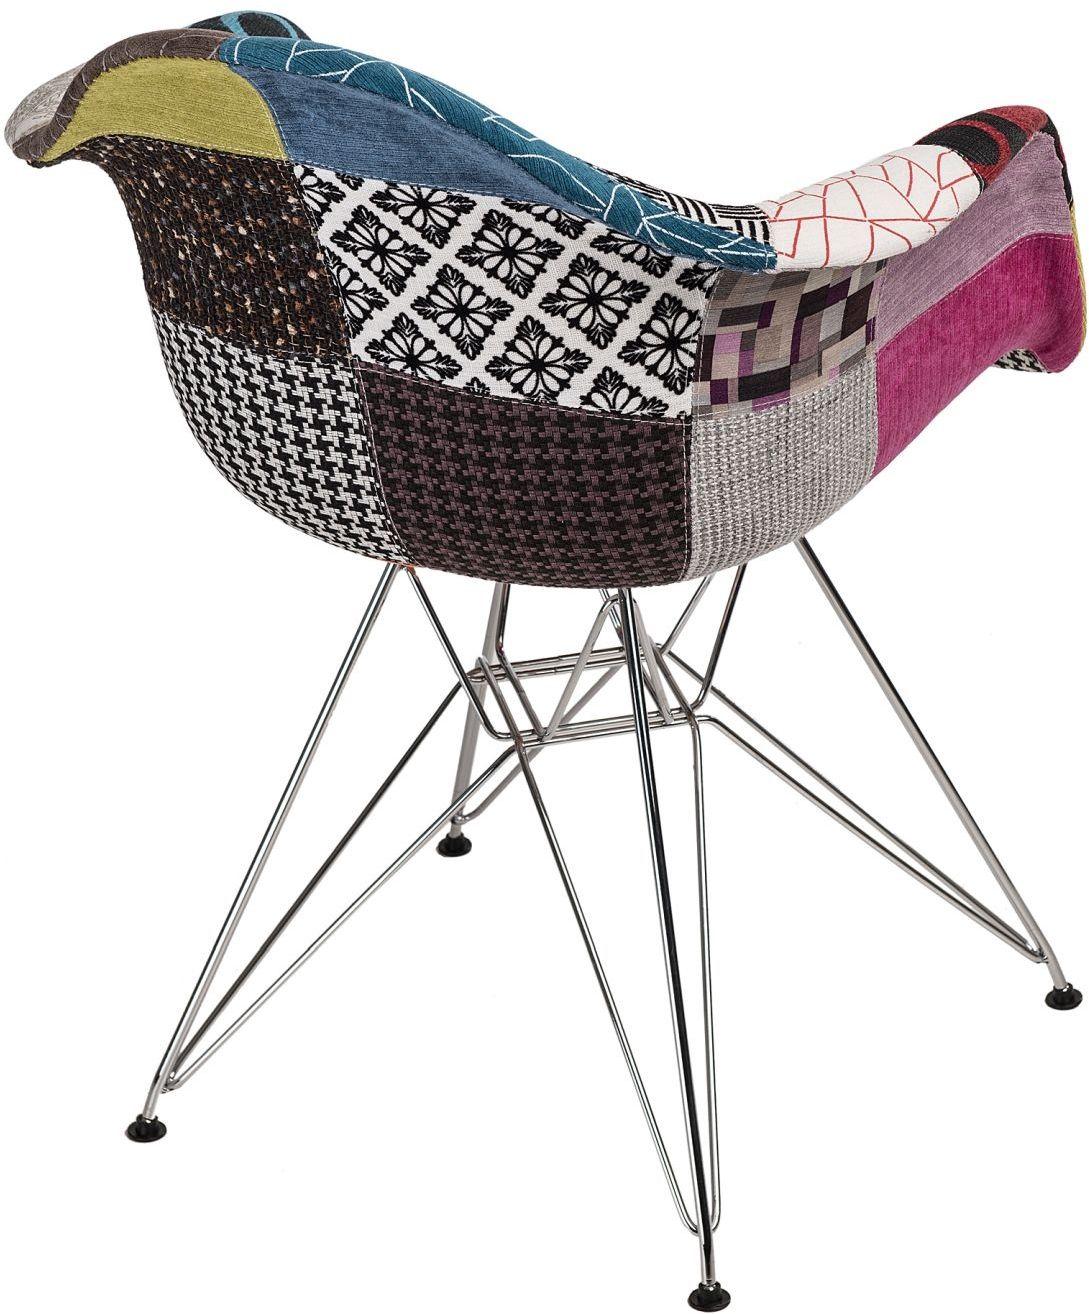 D2 Krzesło P018 DAR patchwork kolorowy